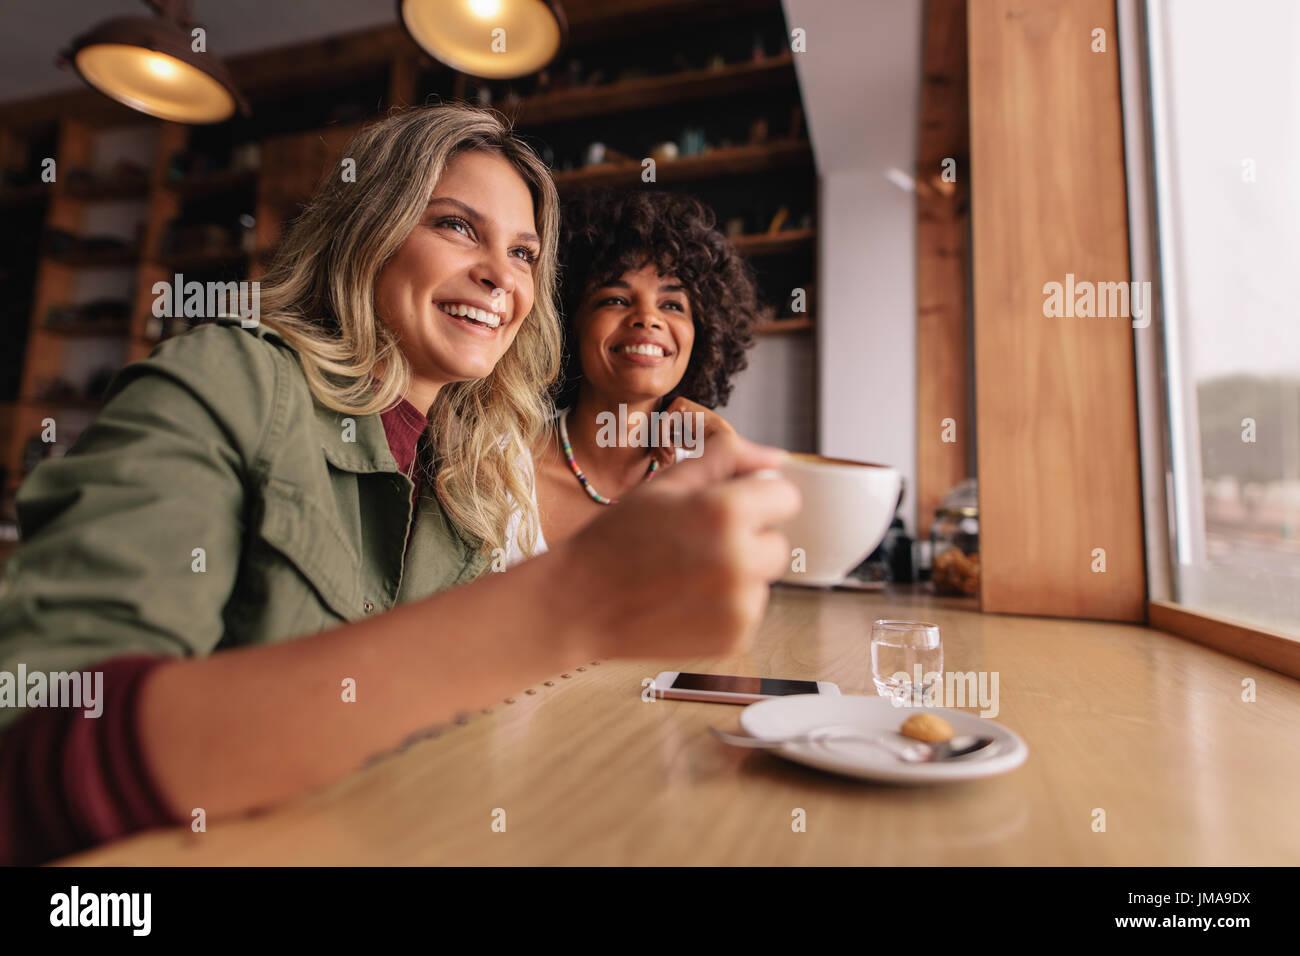 Due giovani donna seduta al cafe e un caffè. Amici di sesso femminile di bere il caffè presso il ristorante. Immagini Stock